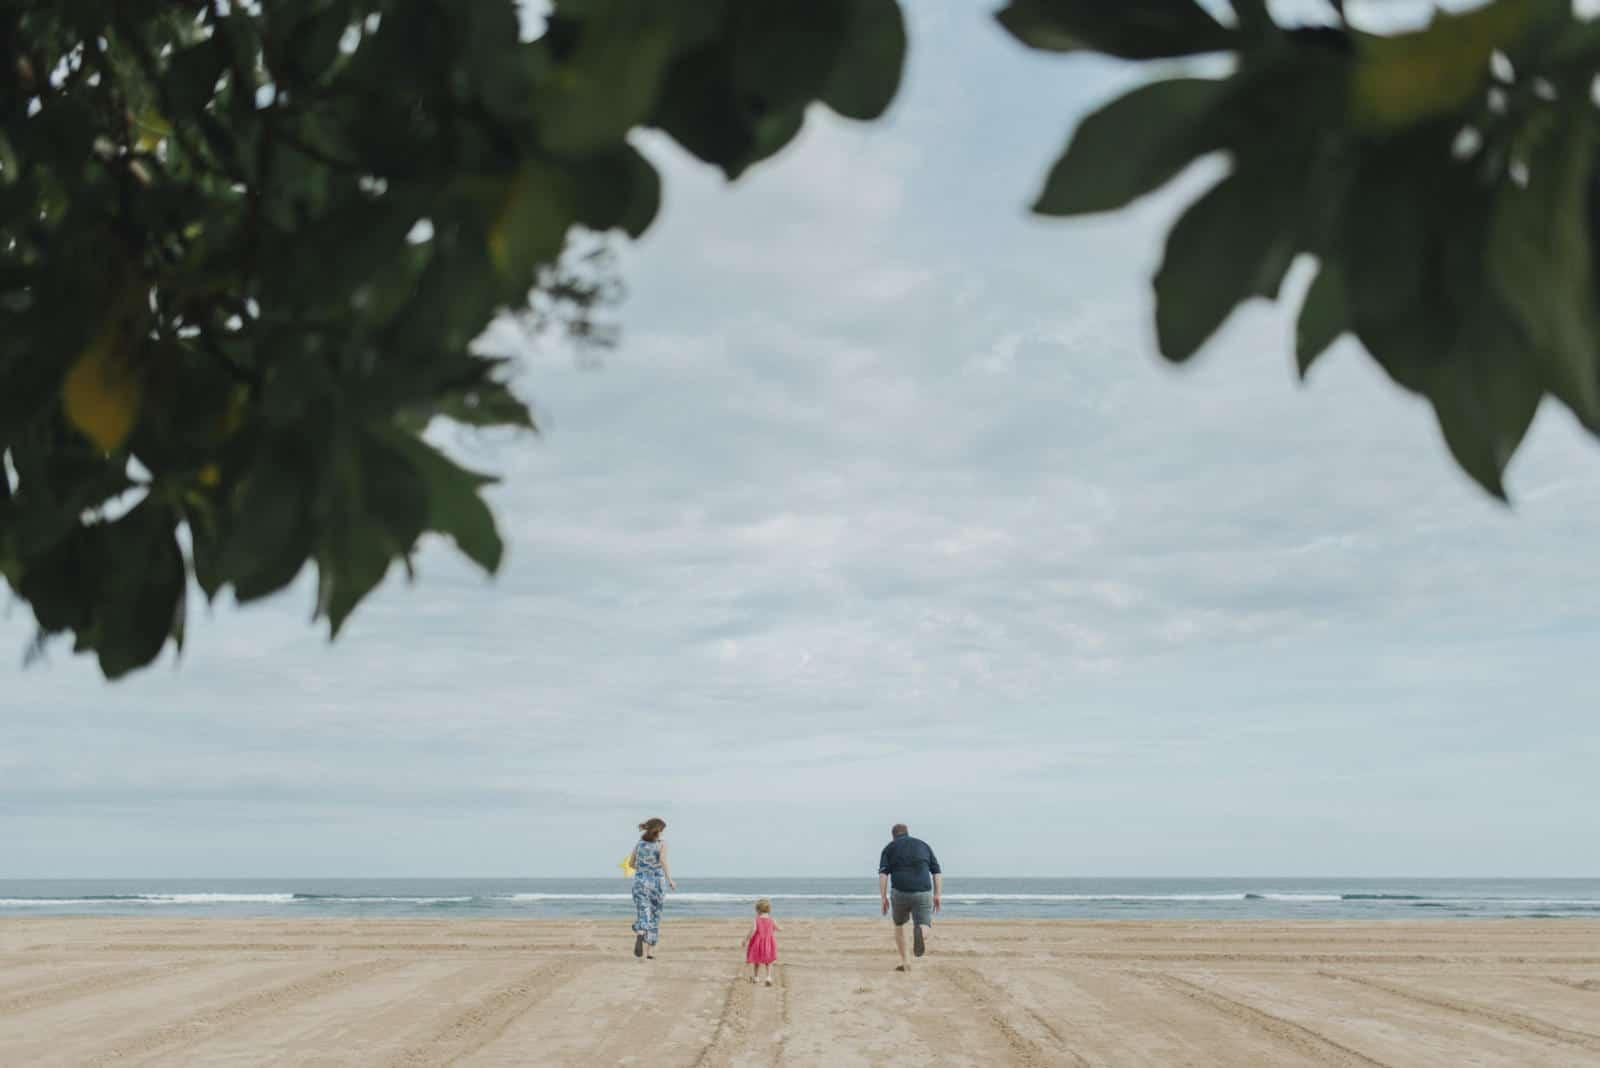 Wanderloud Photoshoot running to the beach